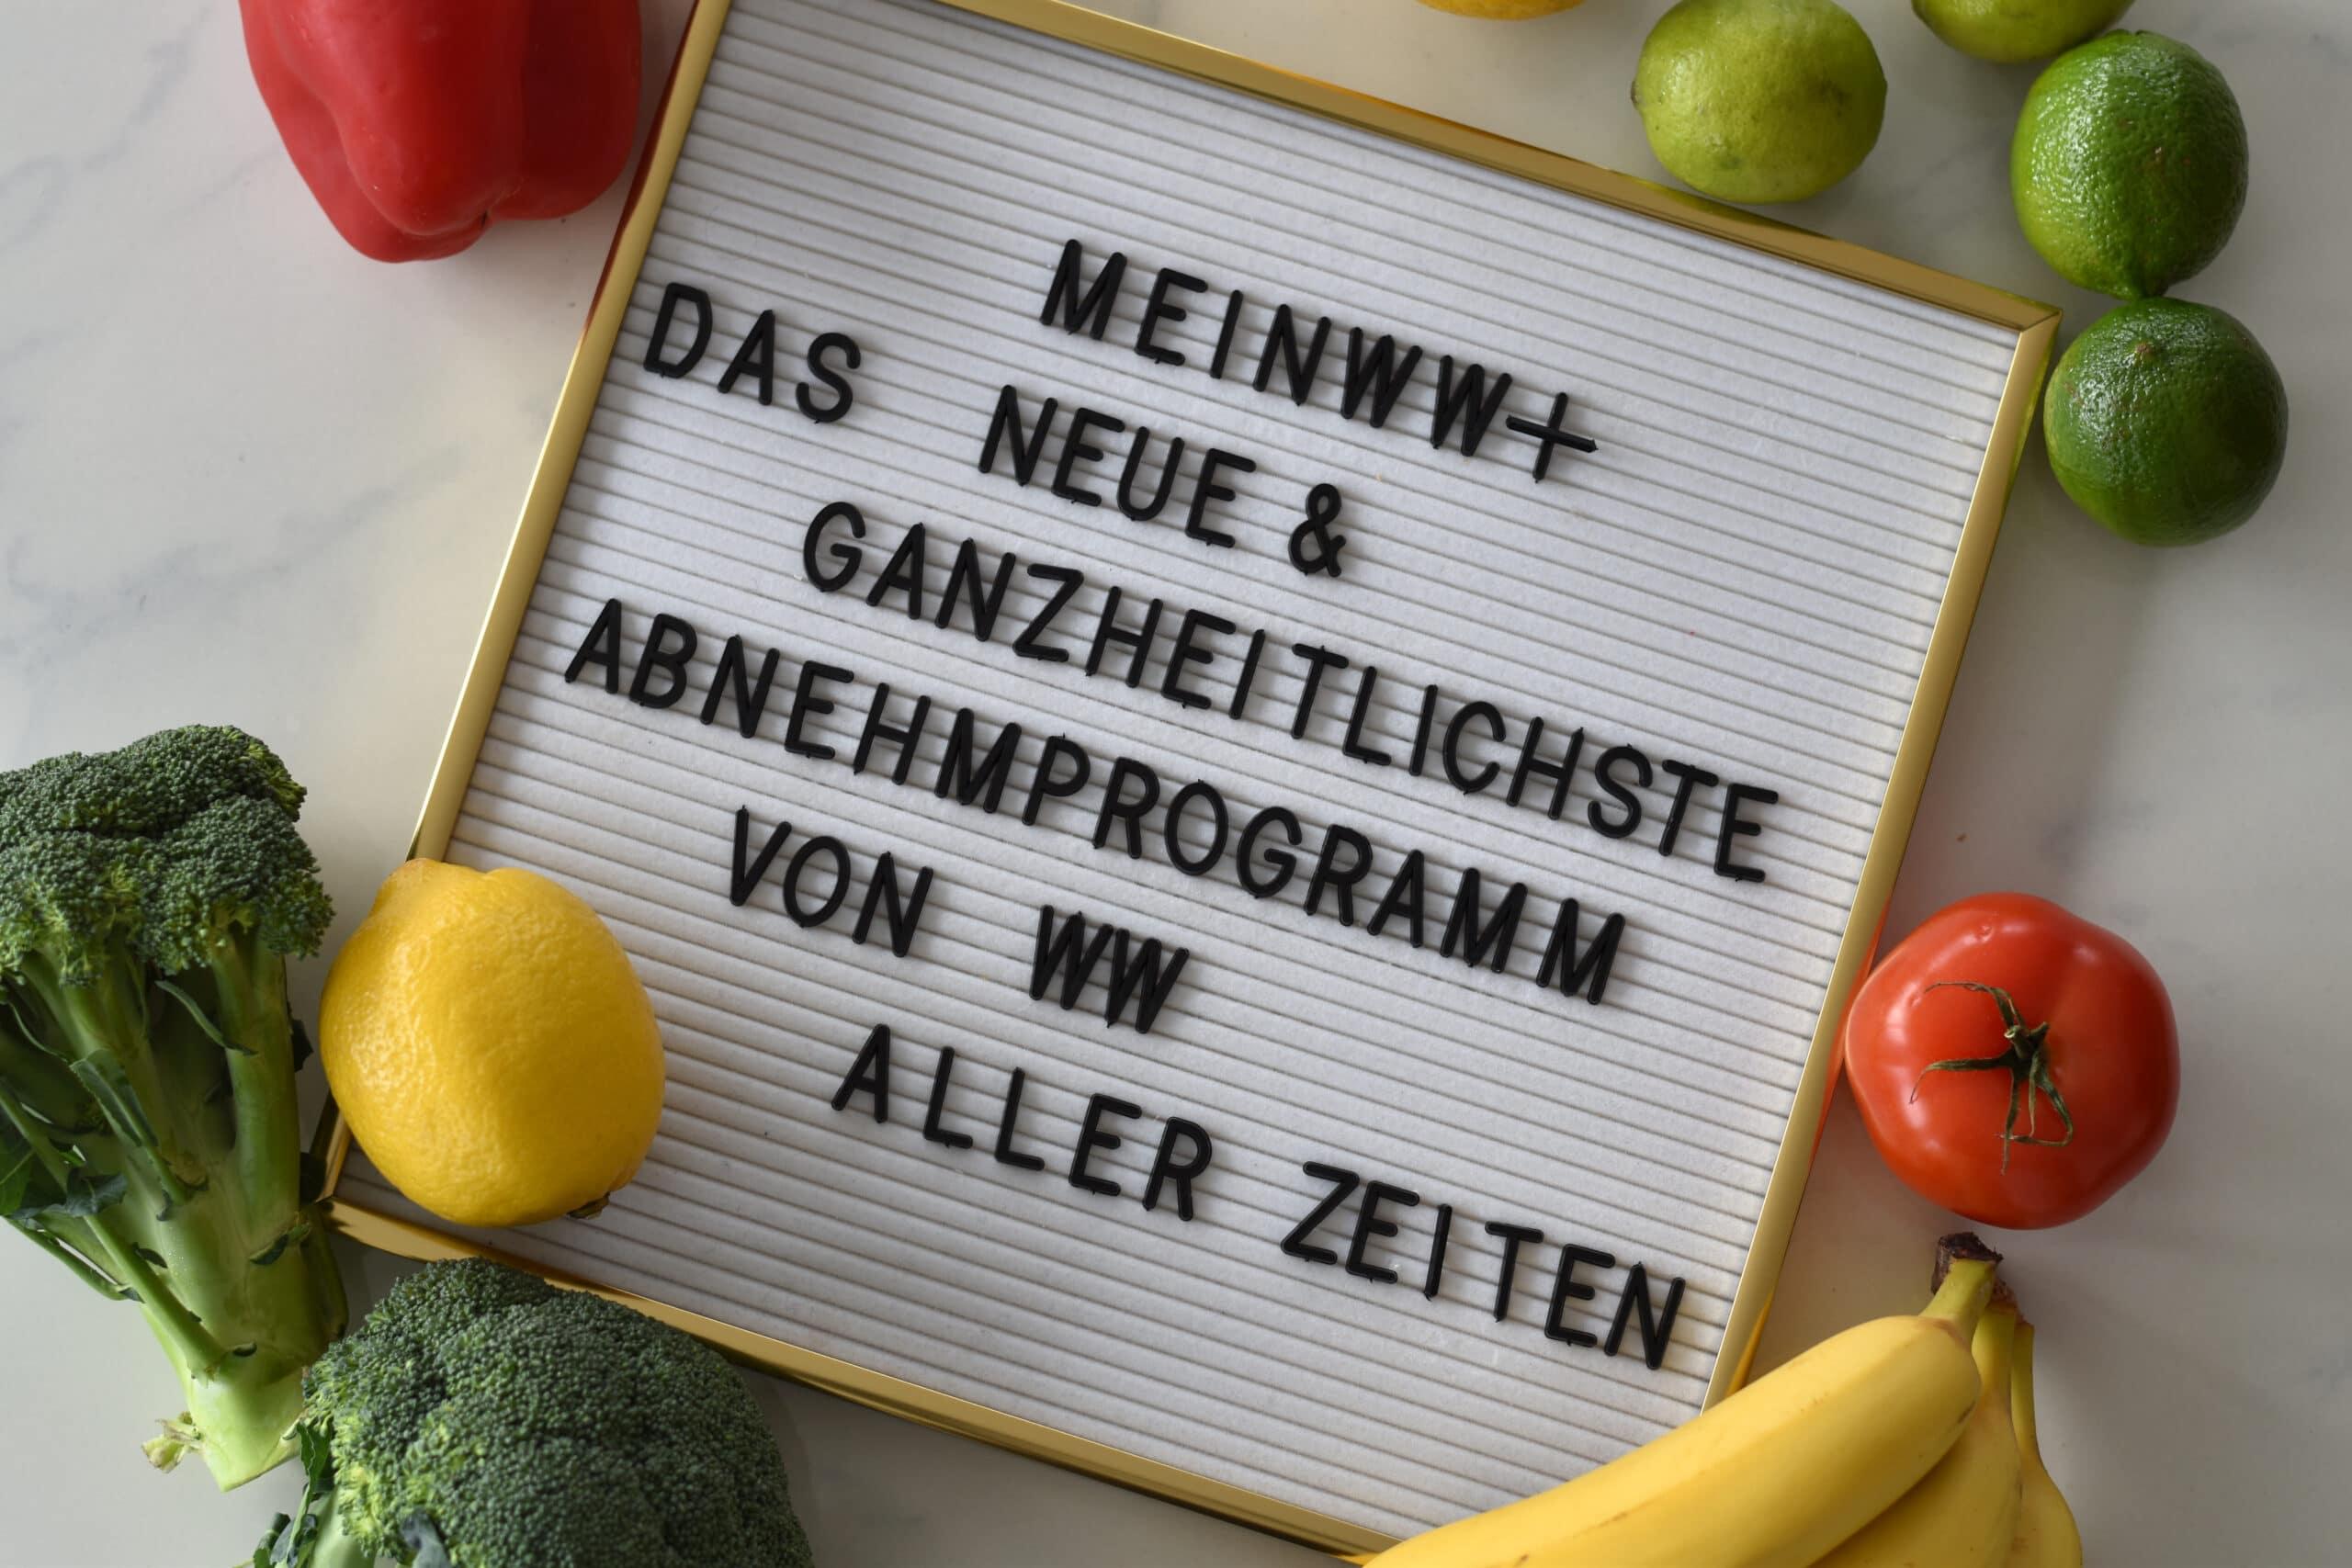 meinWW+ - das neue Abnehmprogramm 2021 & meine Erfahrungen